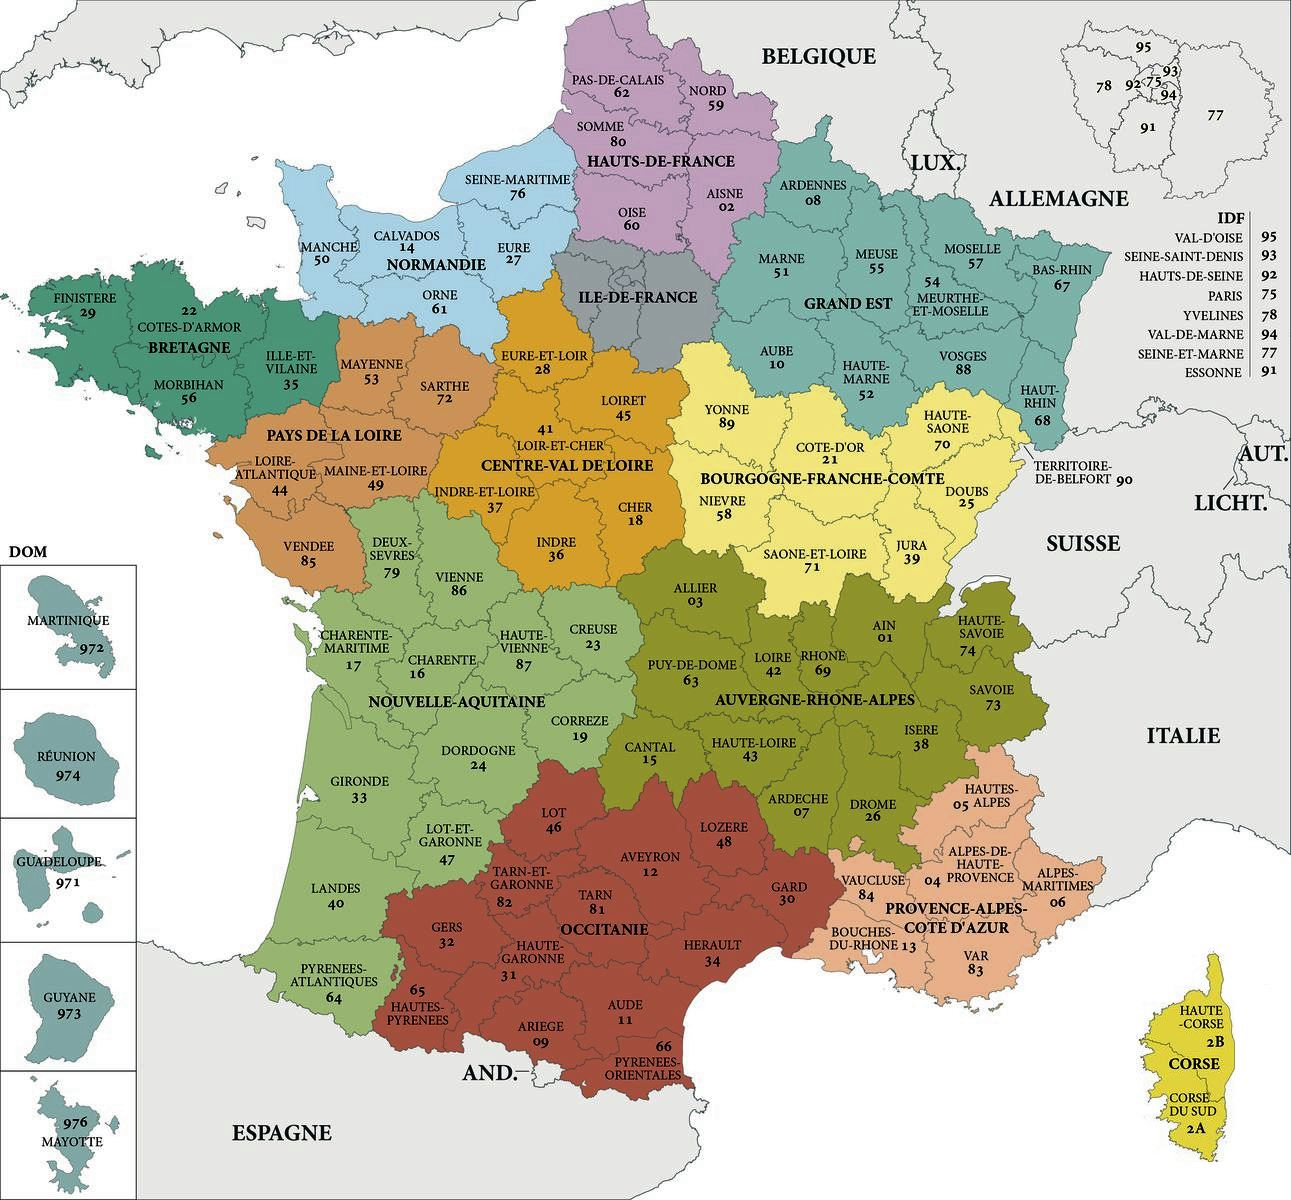 Carte De France Departements : Carte Des Départements De France encequiconcerne Les Numéros Des Départements